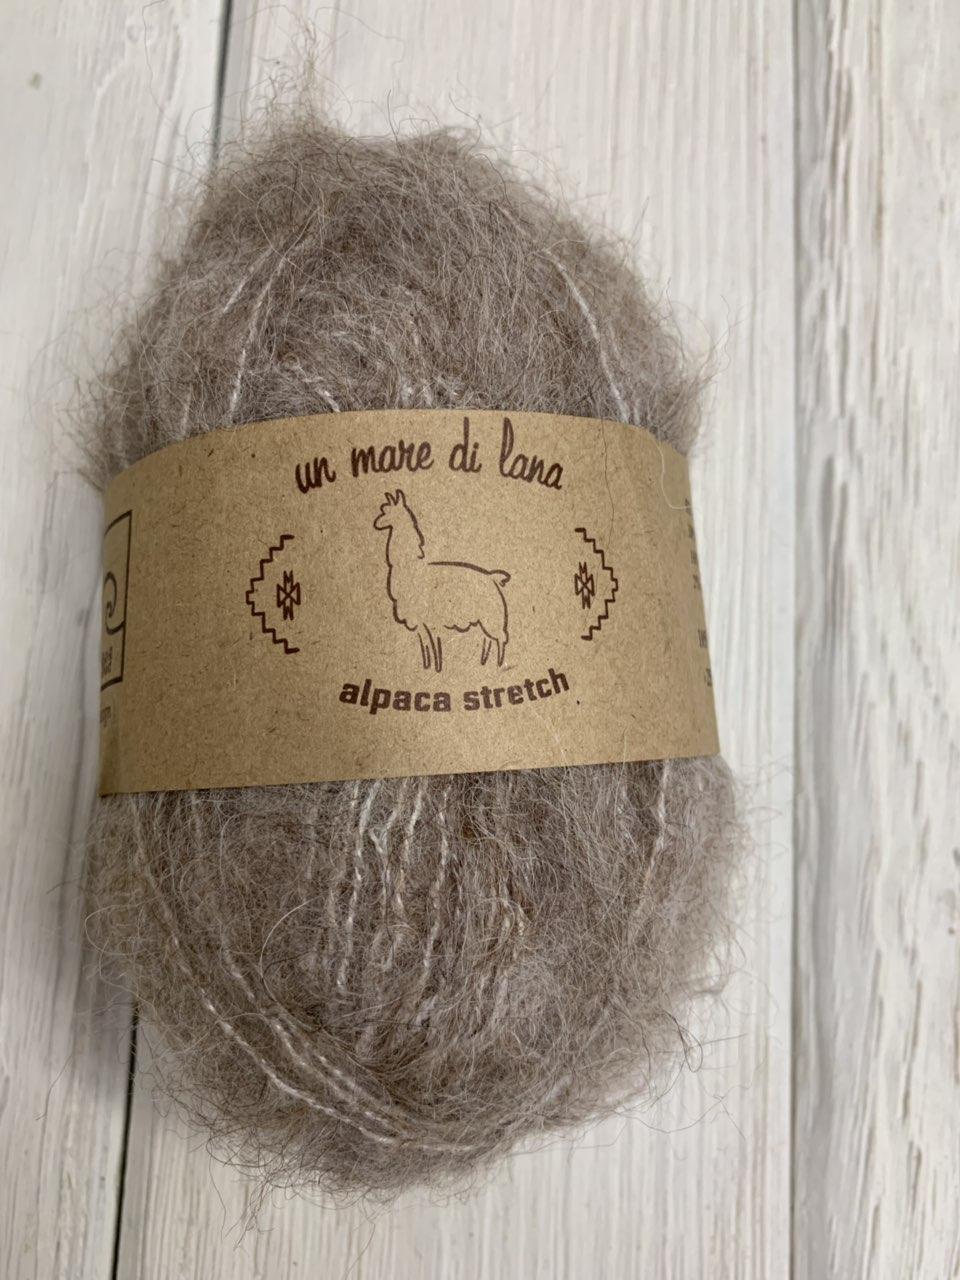 Alpaca Stretch Wool Sea (Альпака Стрейч Море шерсти) 274 - коричневый заказать со скидкой в Минске